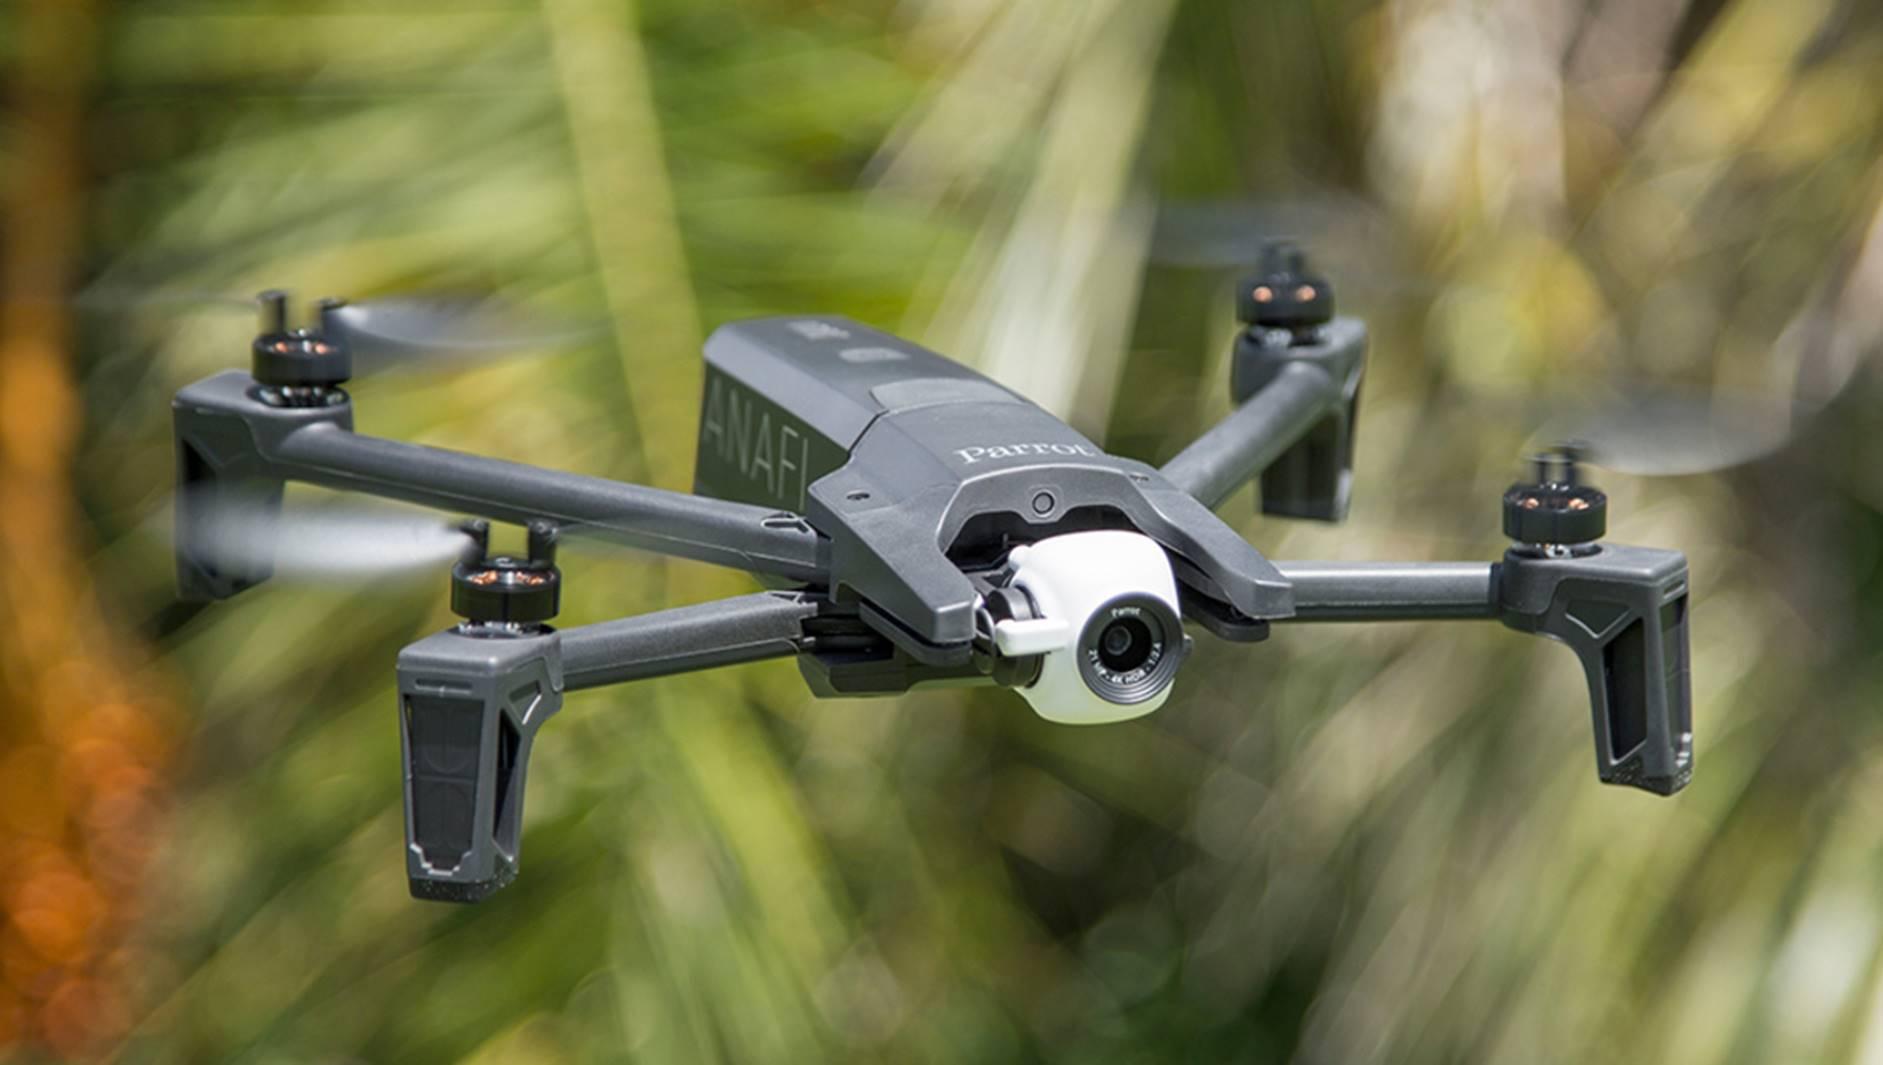 Drone fleet 4